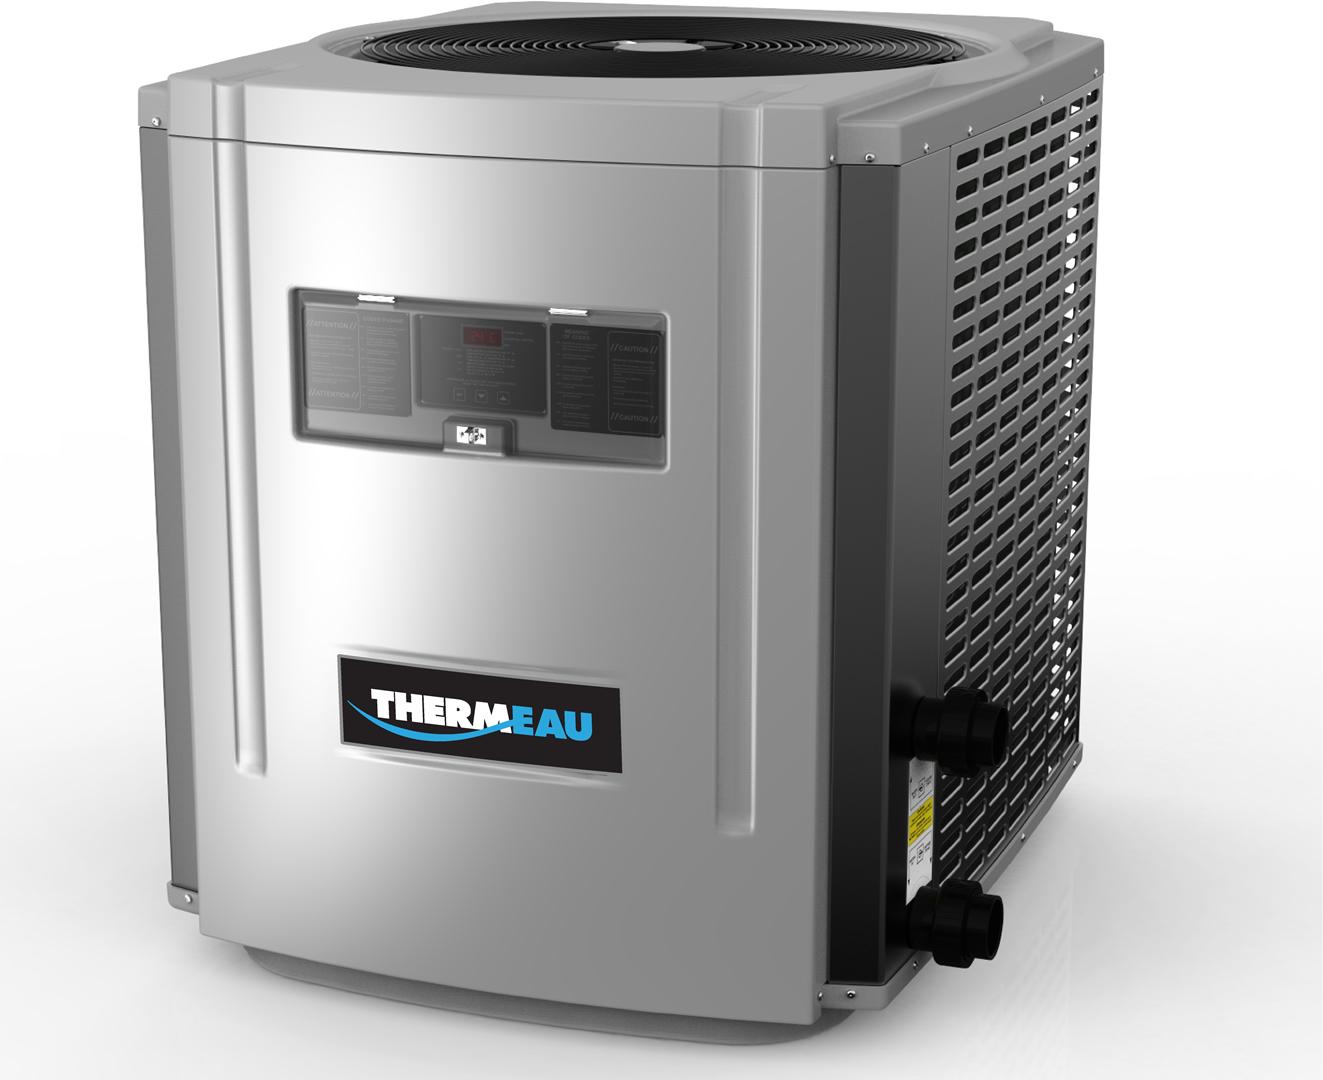 Thermeau - habillage thermo-pompe, clavier à membreane et plaque signalétique